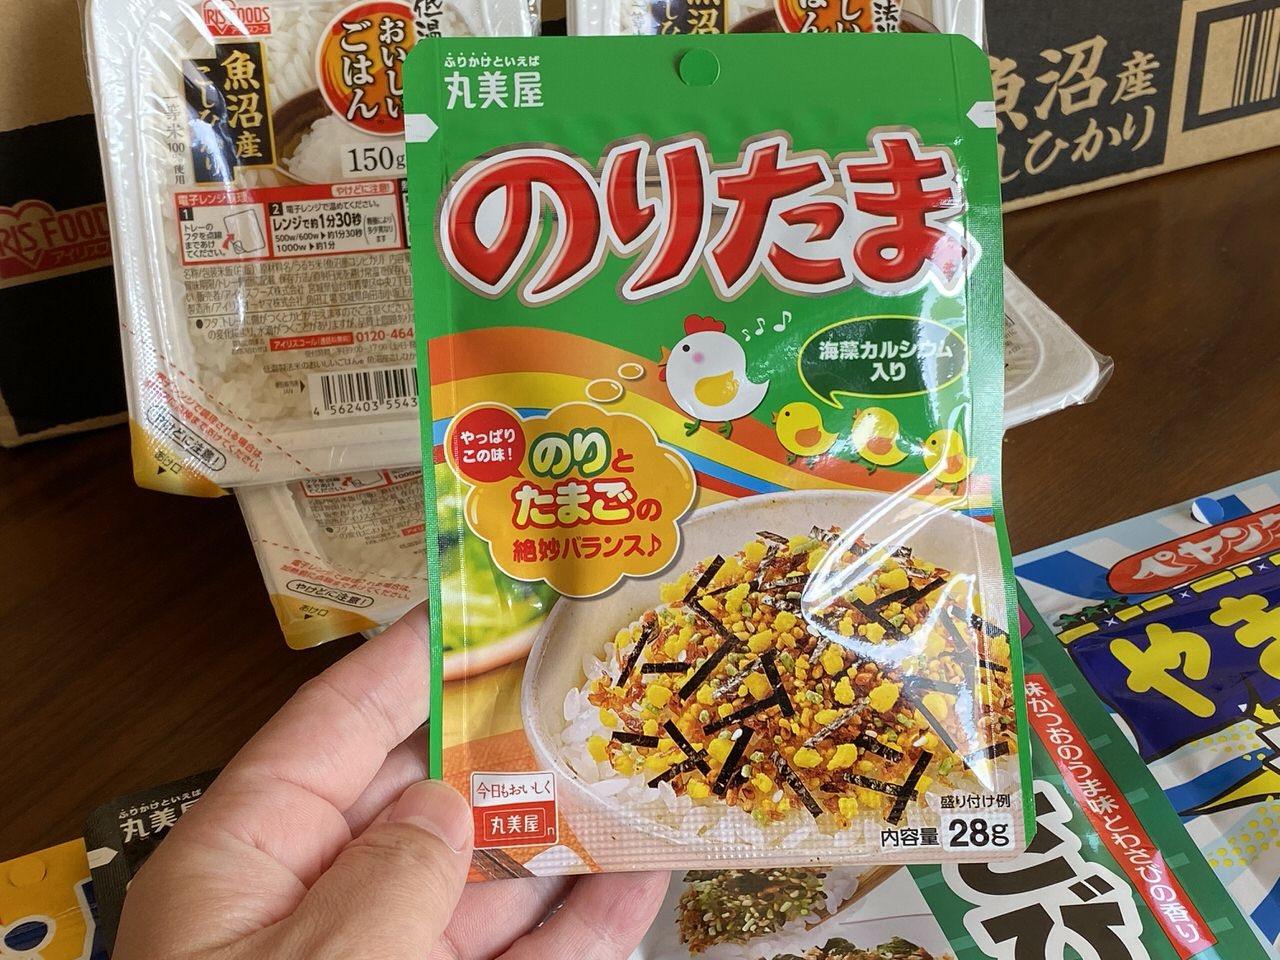 アイリスオーヤマ「低温製法米のおいしいごはん」12